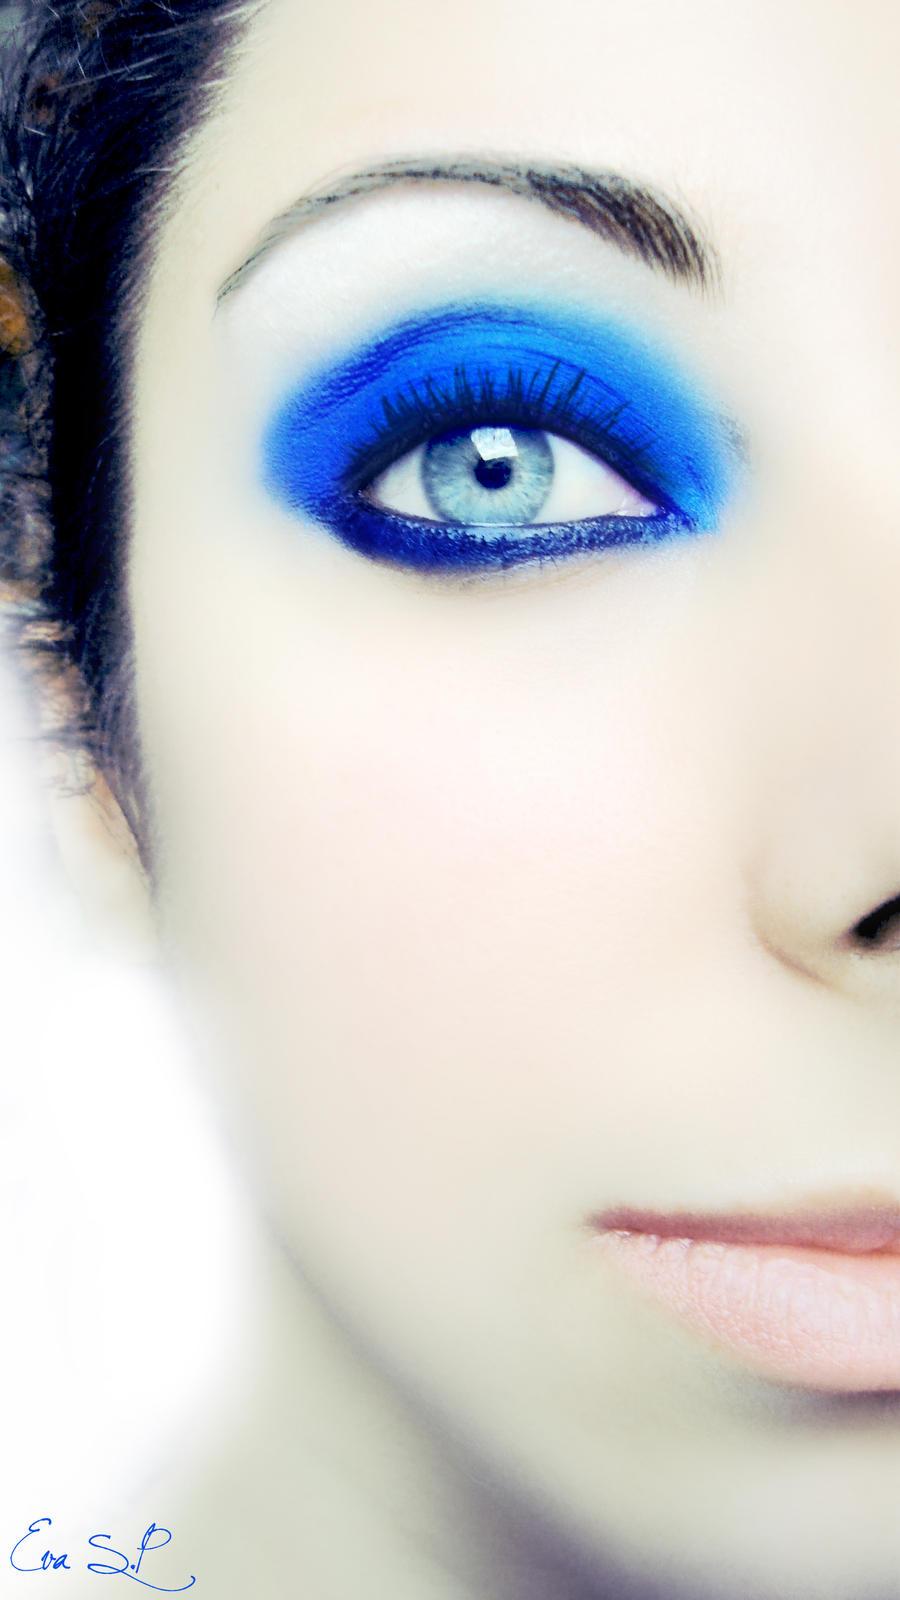 Feel the Blues by Chuchy5